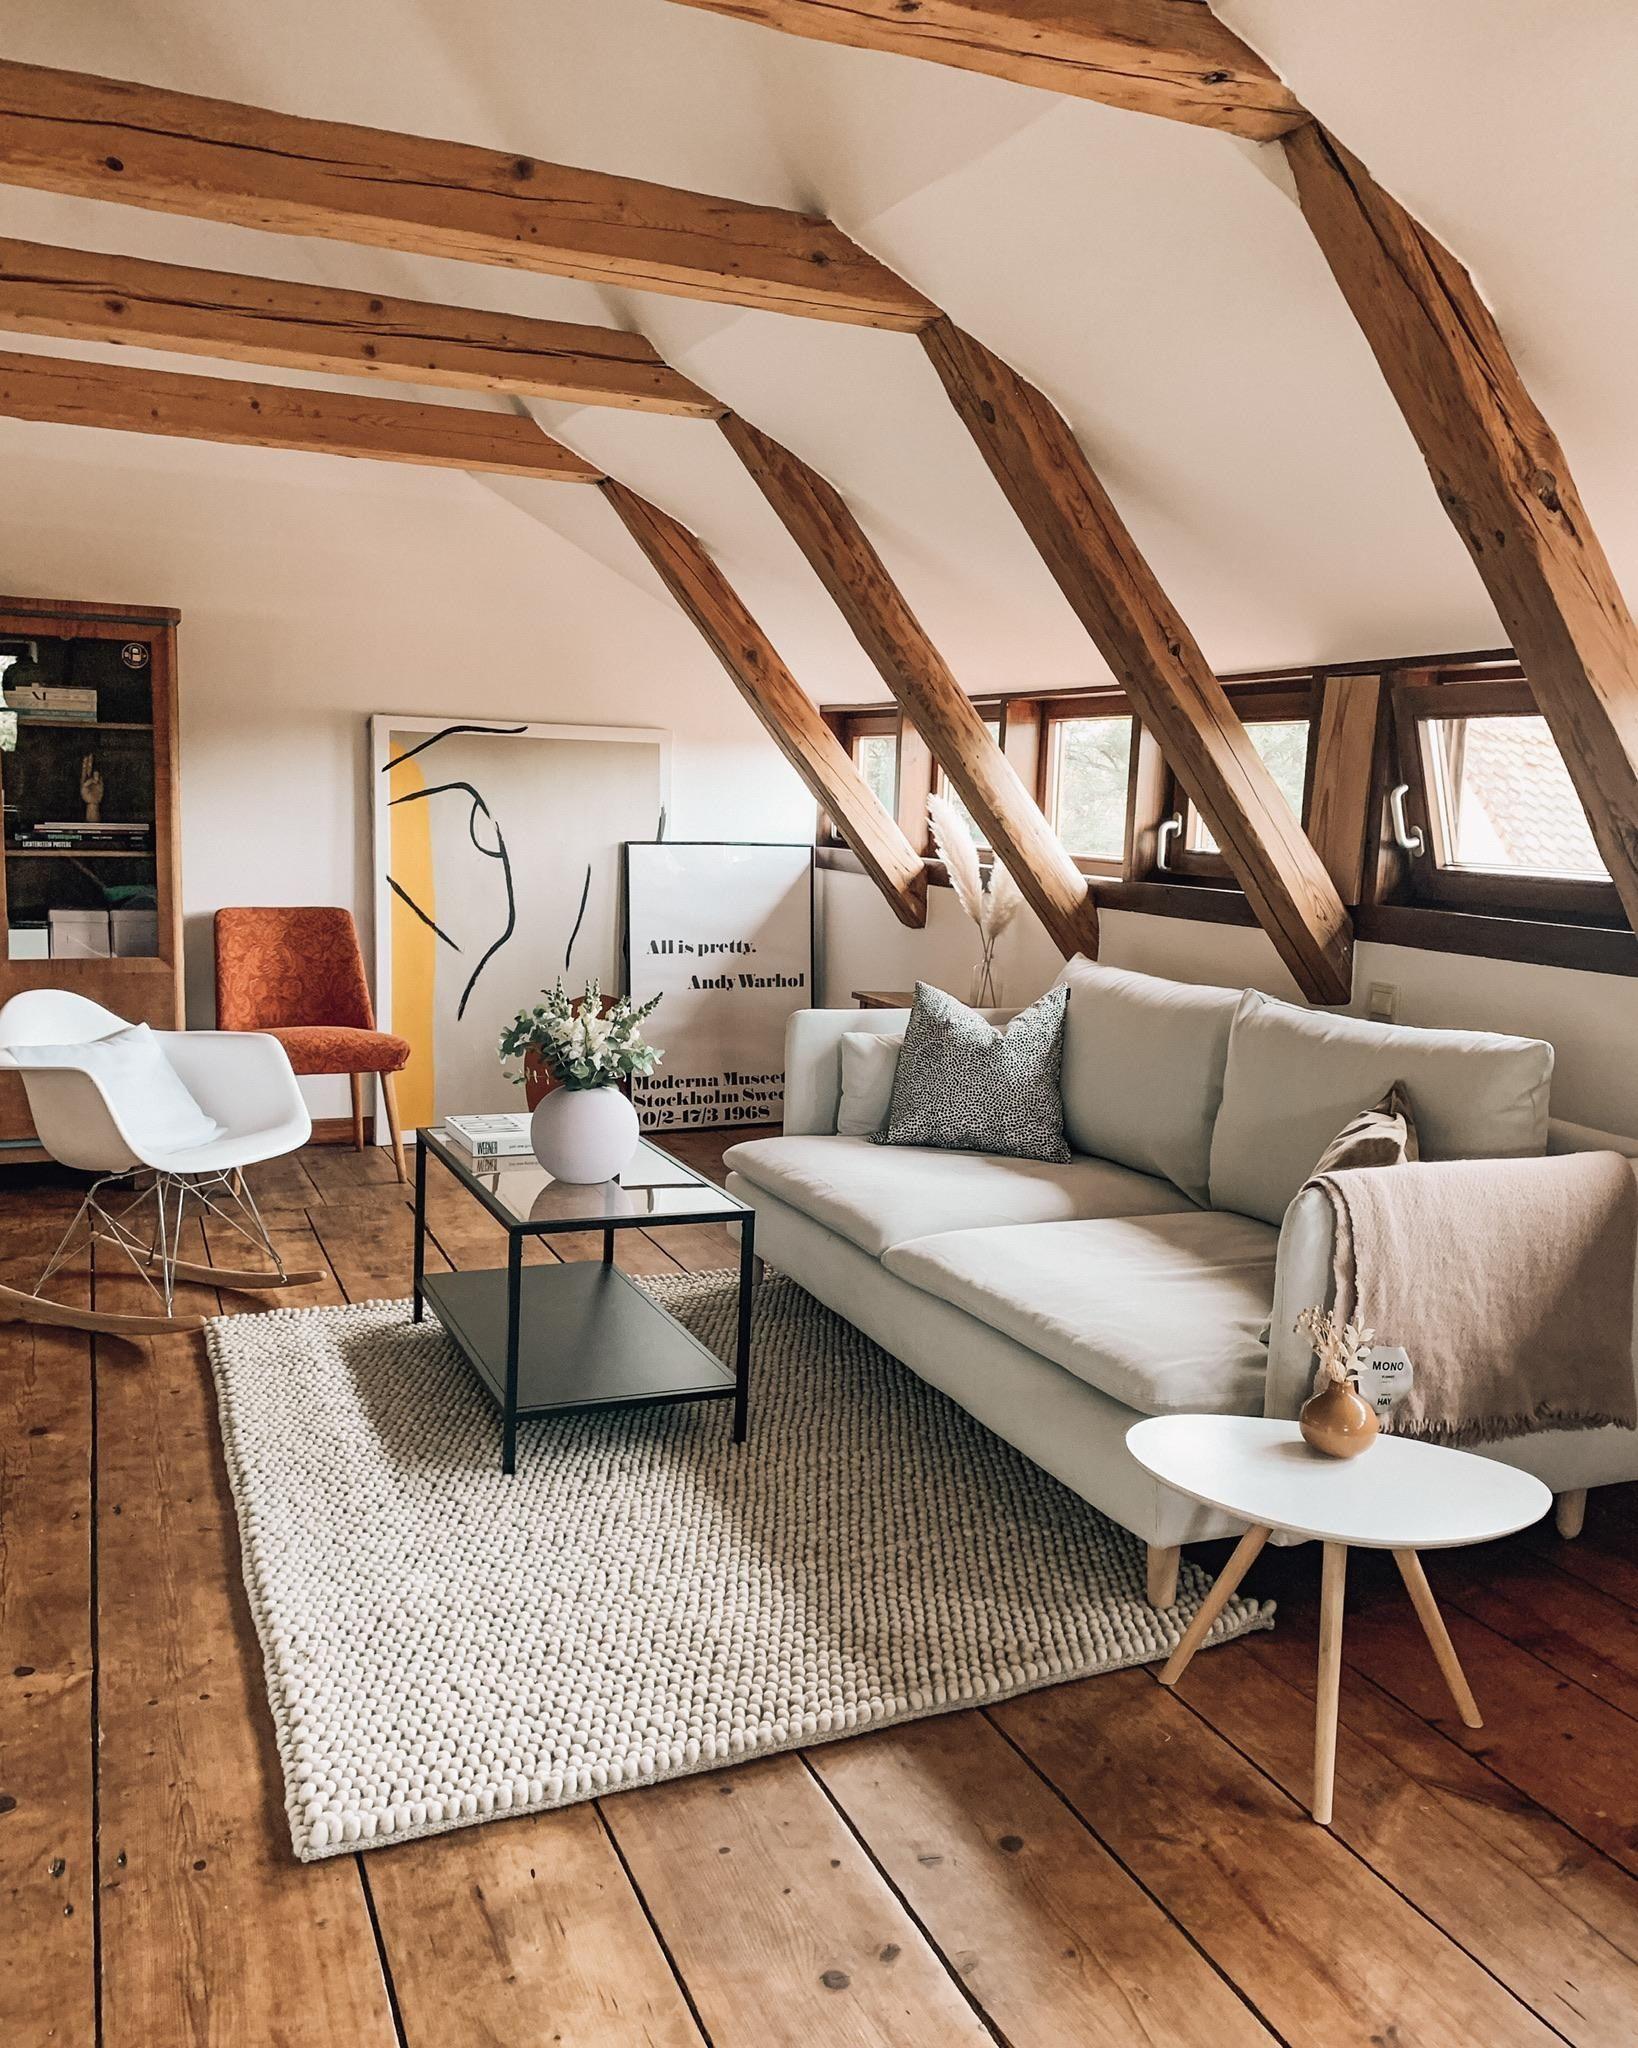 Balkenliebe Wohnzimmer In Der Letzten Zeit Habe Wohnung Einzimmerwohnung Einrichten Diy Zimmer Gestalten